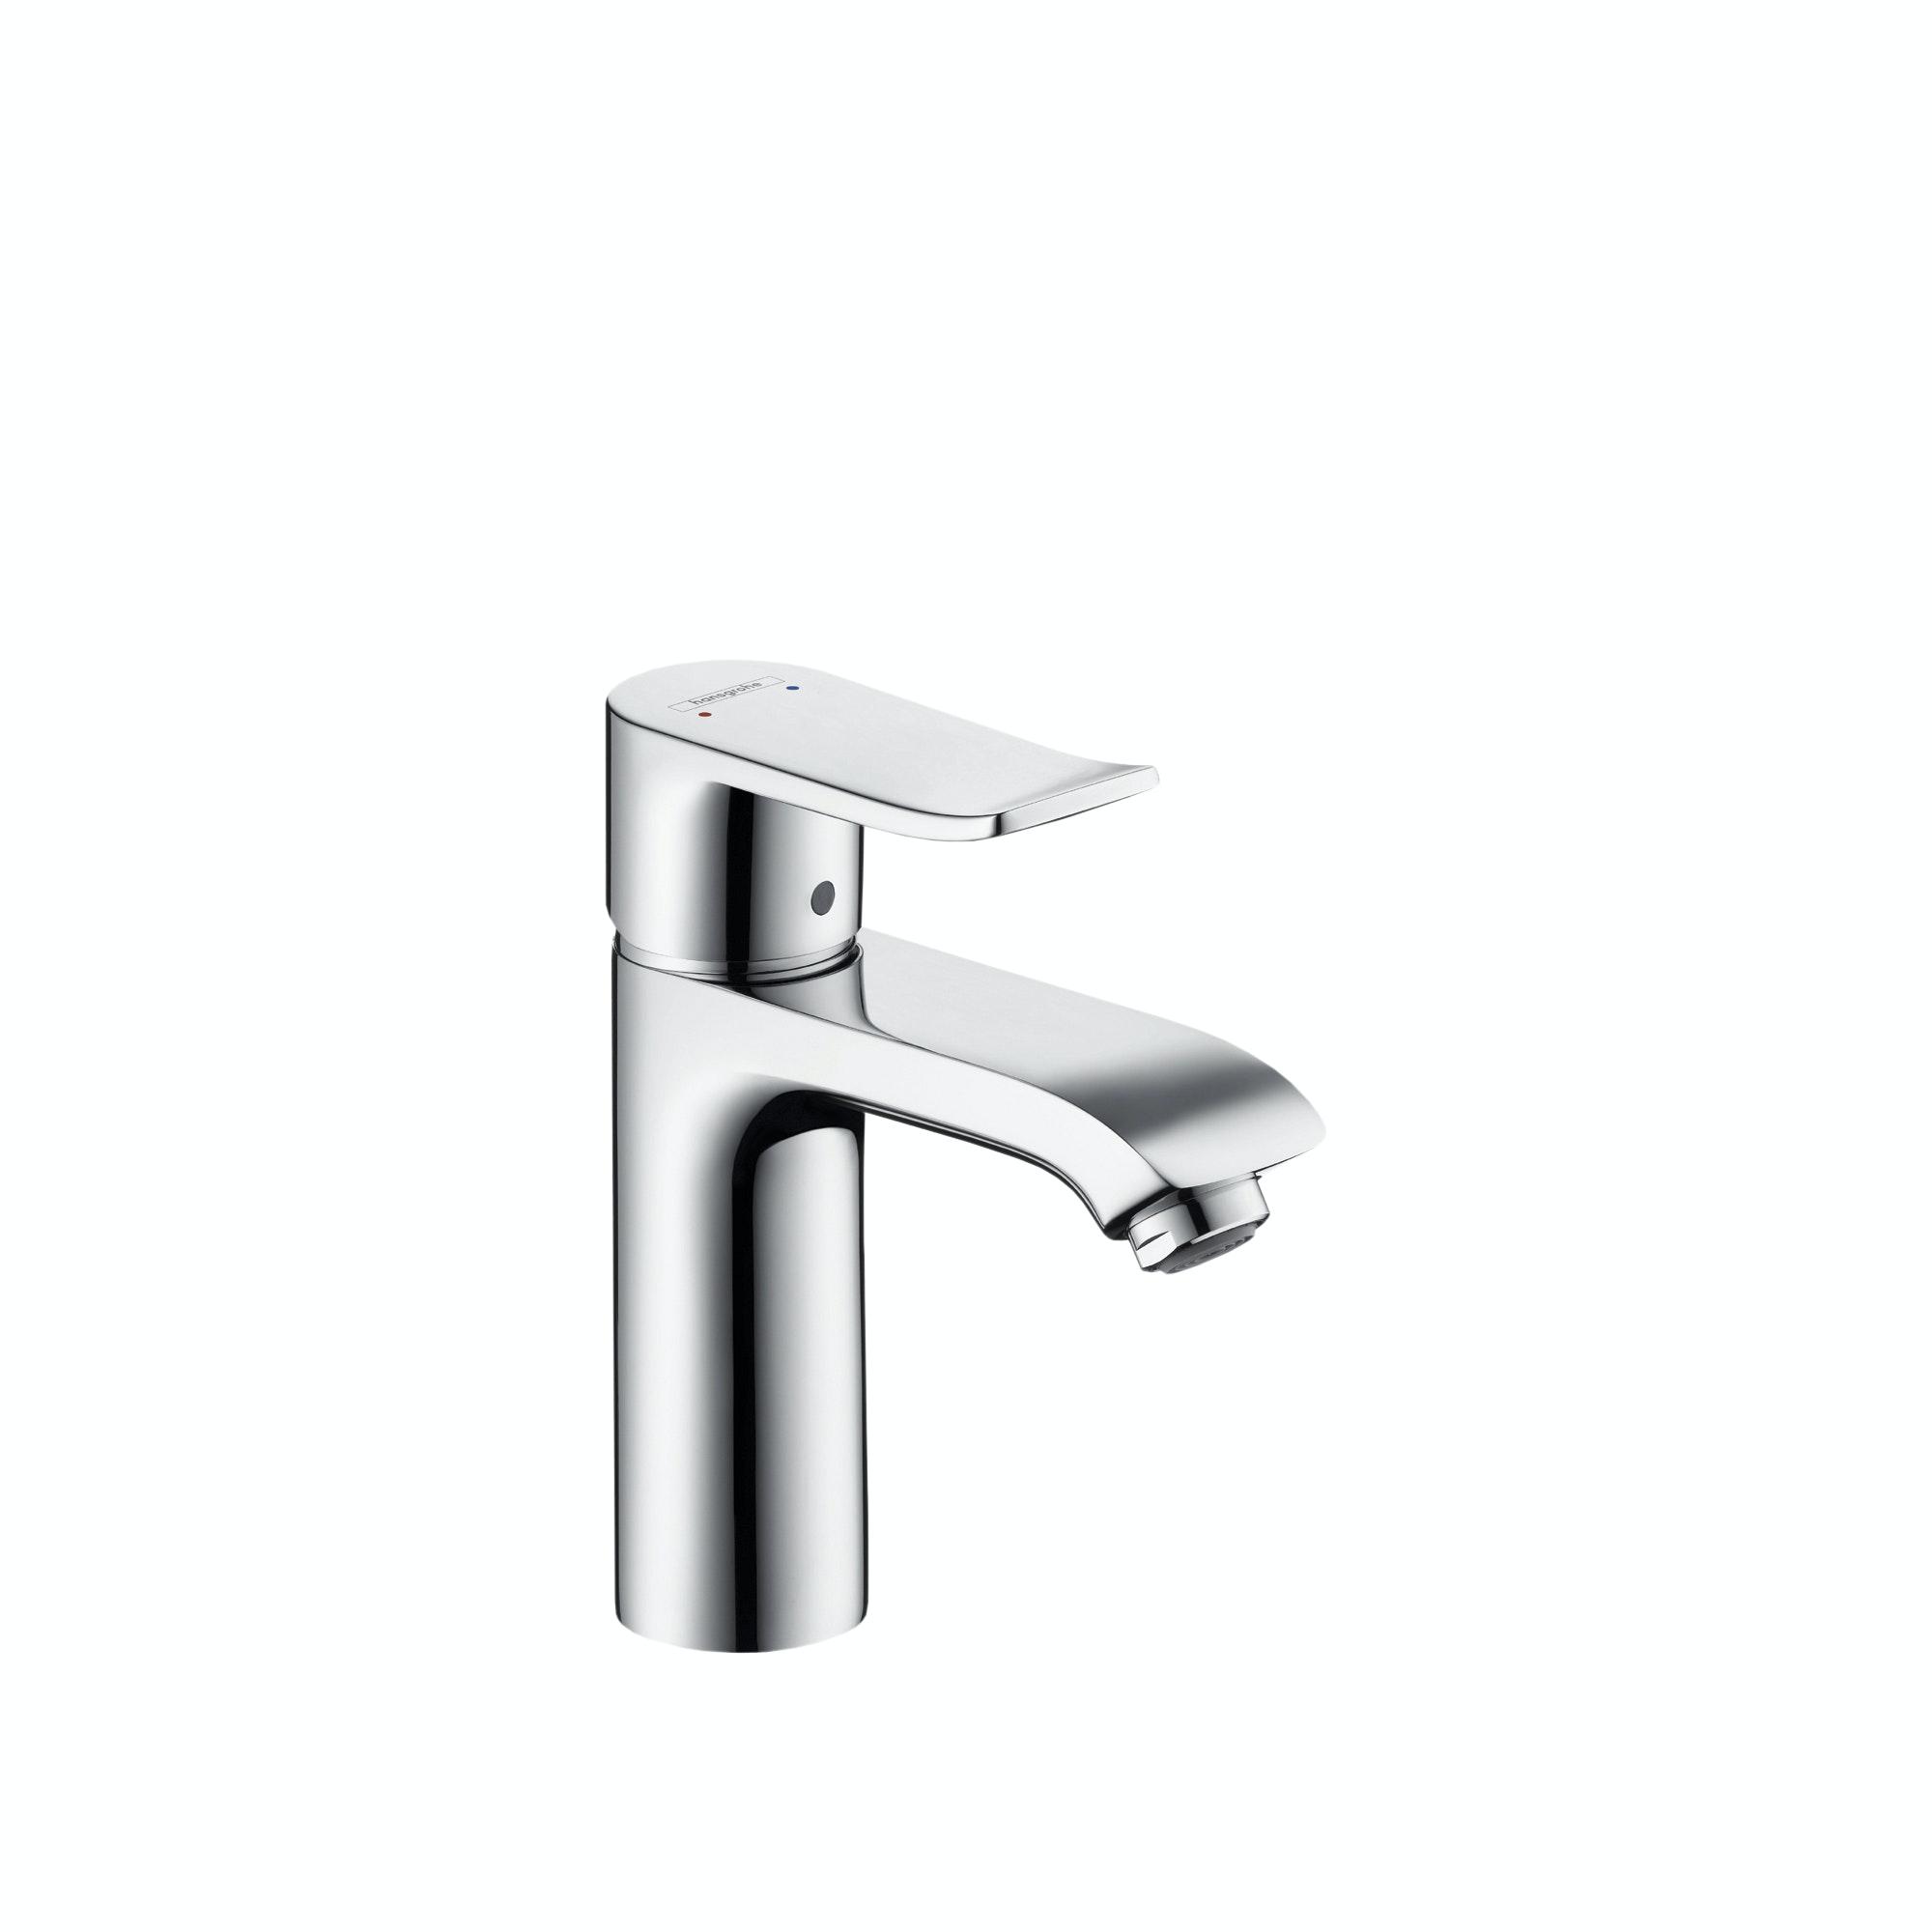 Tvättställsblandare HansGrohe Metris 110 Krom